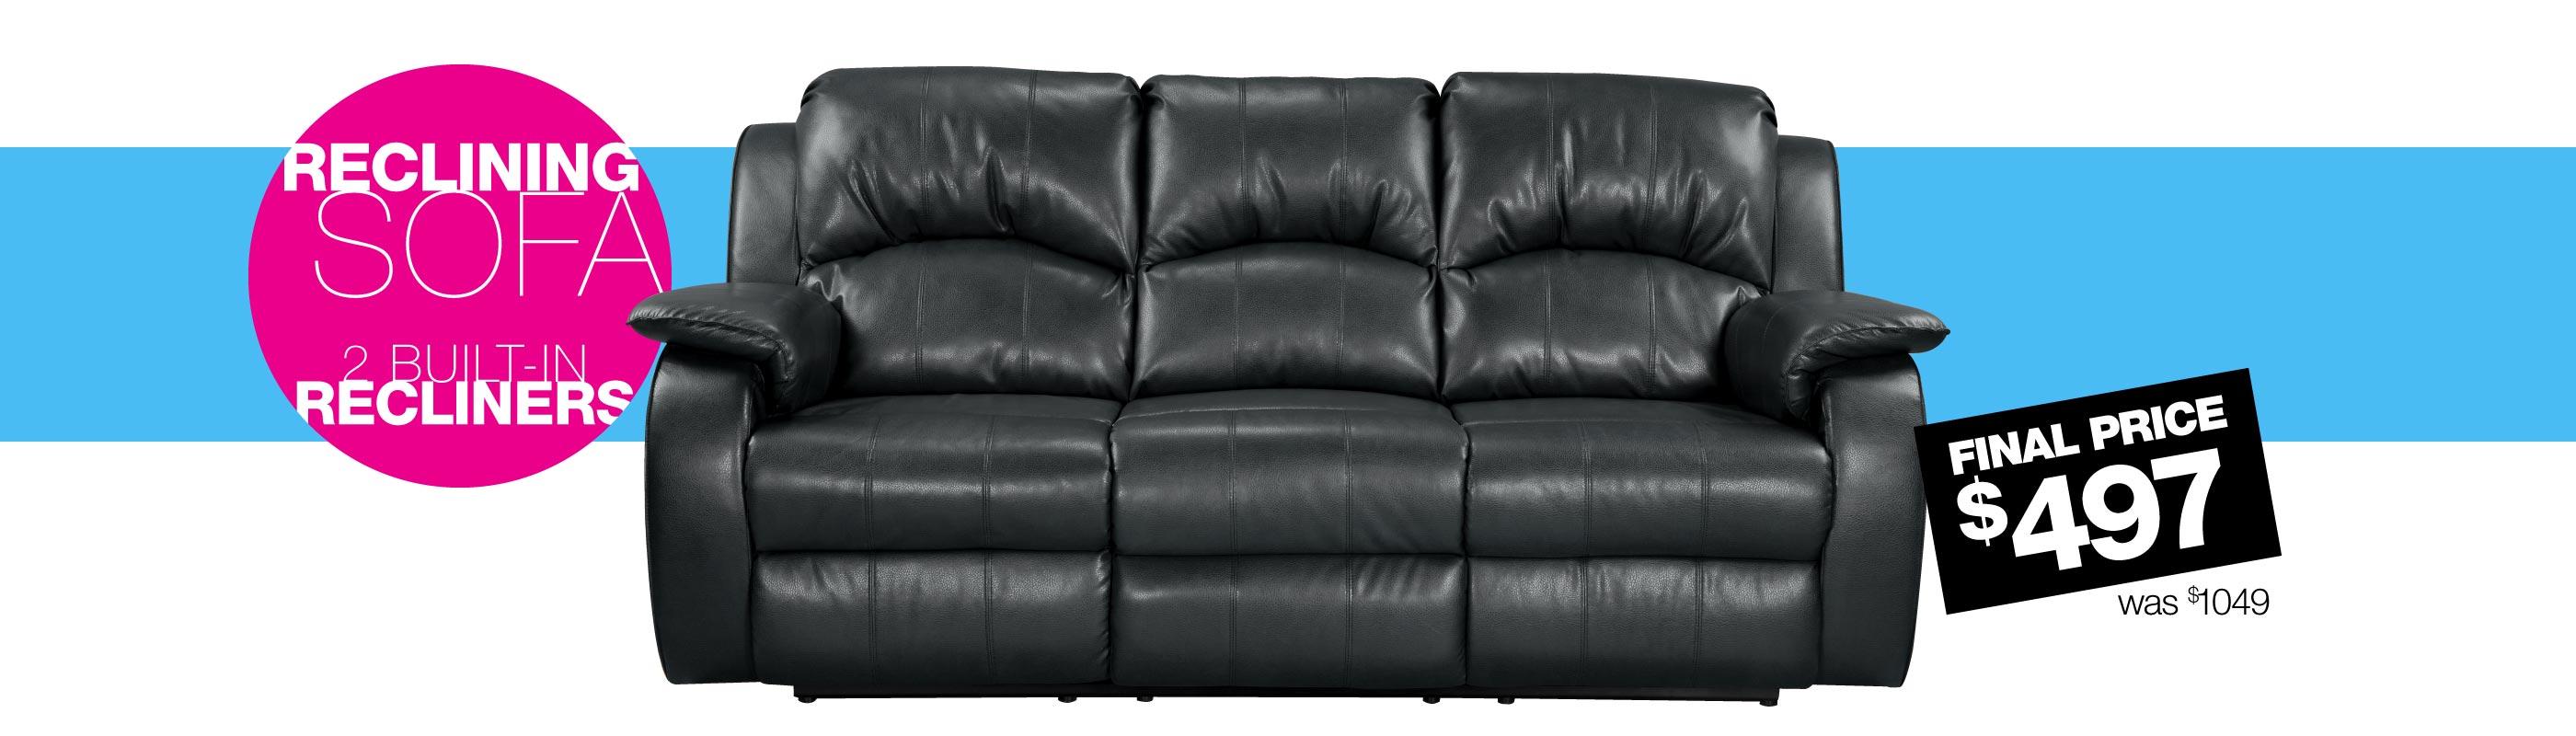 Gardner-White Furniture | Michigan furniture stores